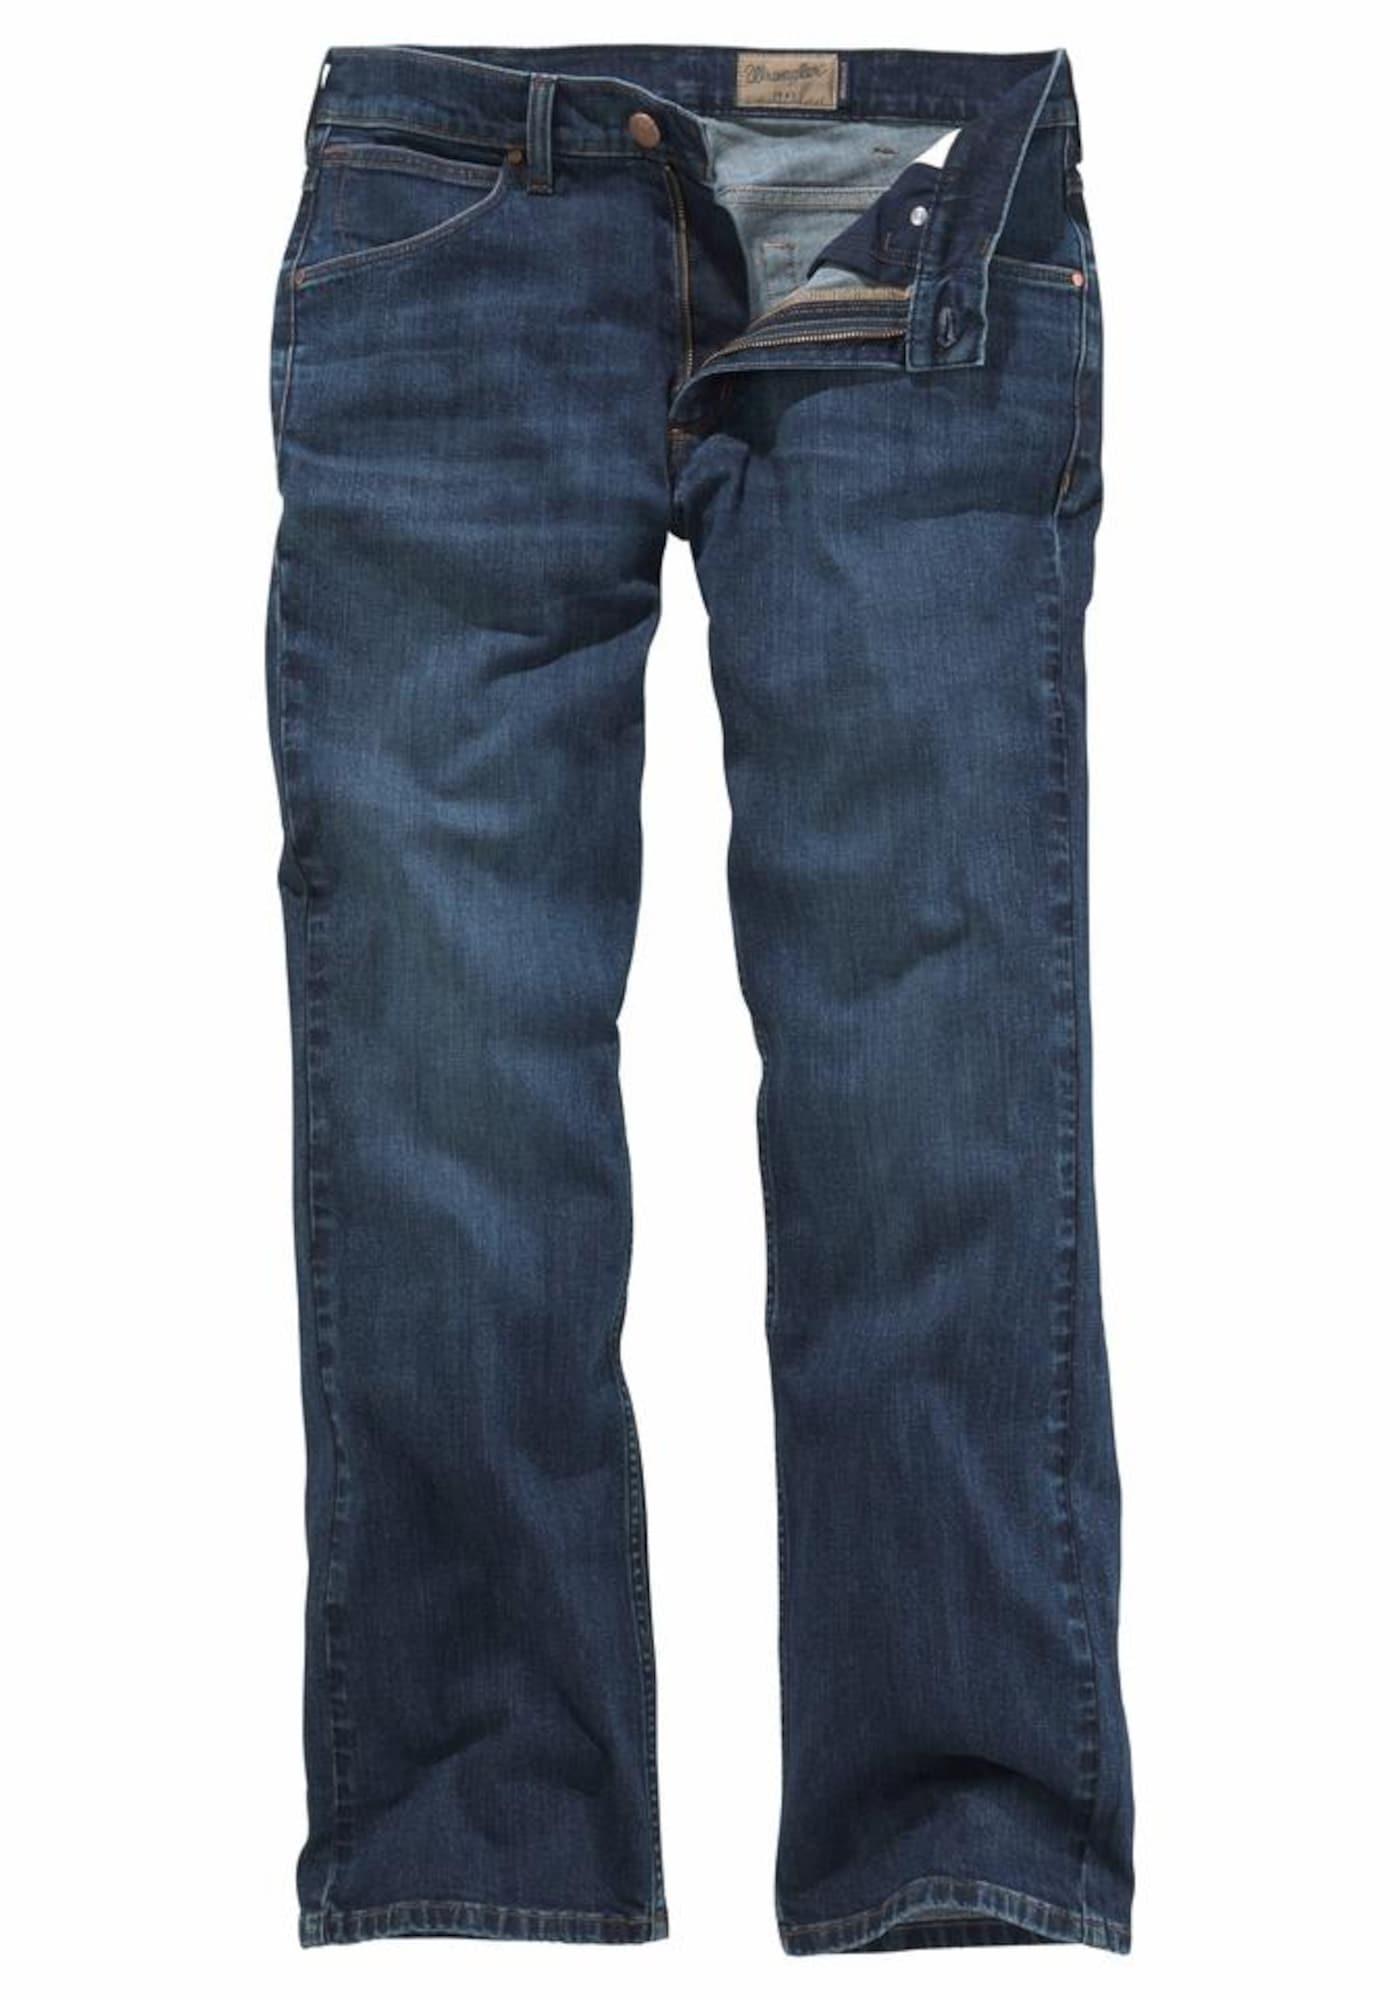 WRANGLER Heren Jeans Jacksville blue denim